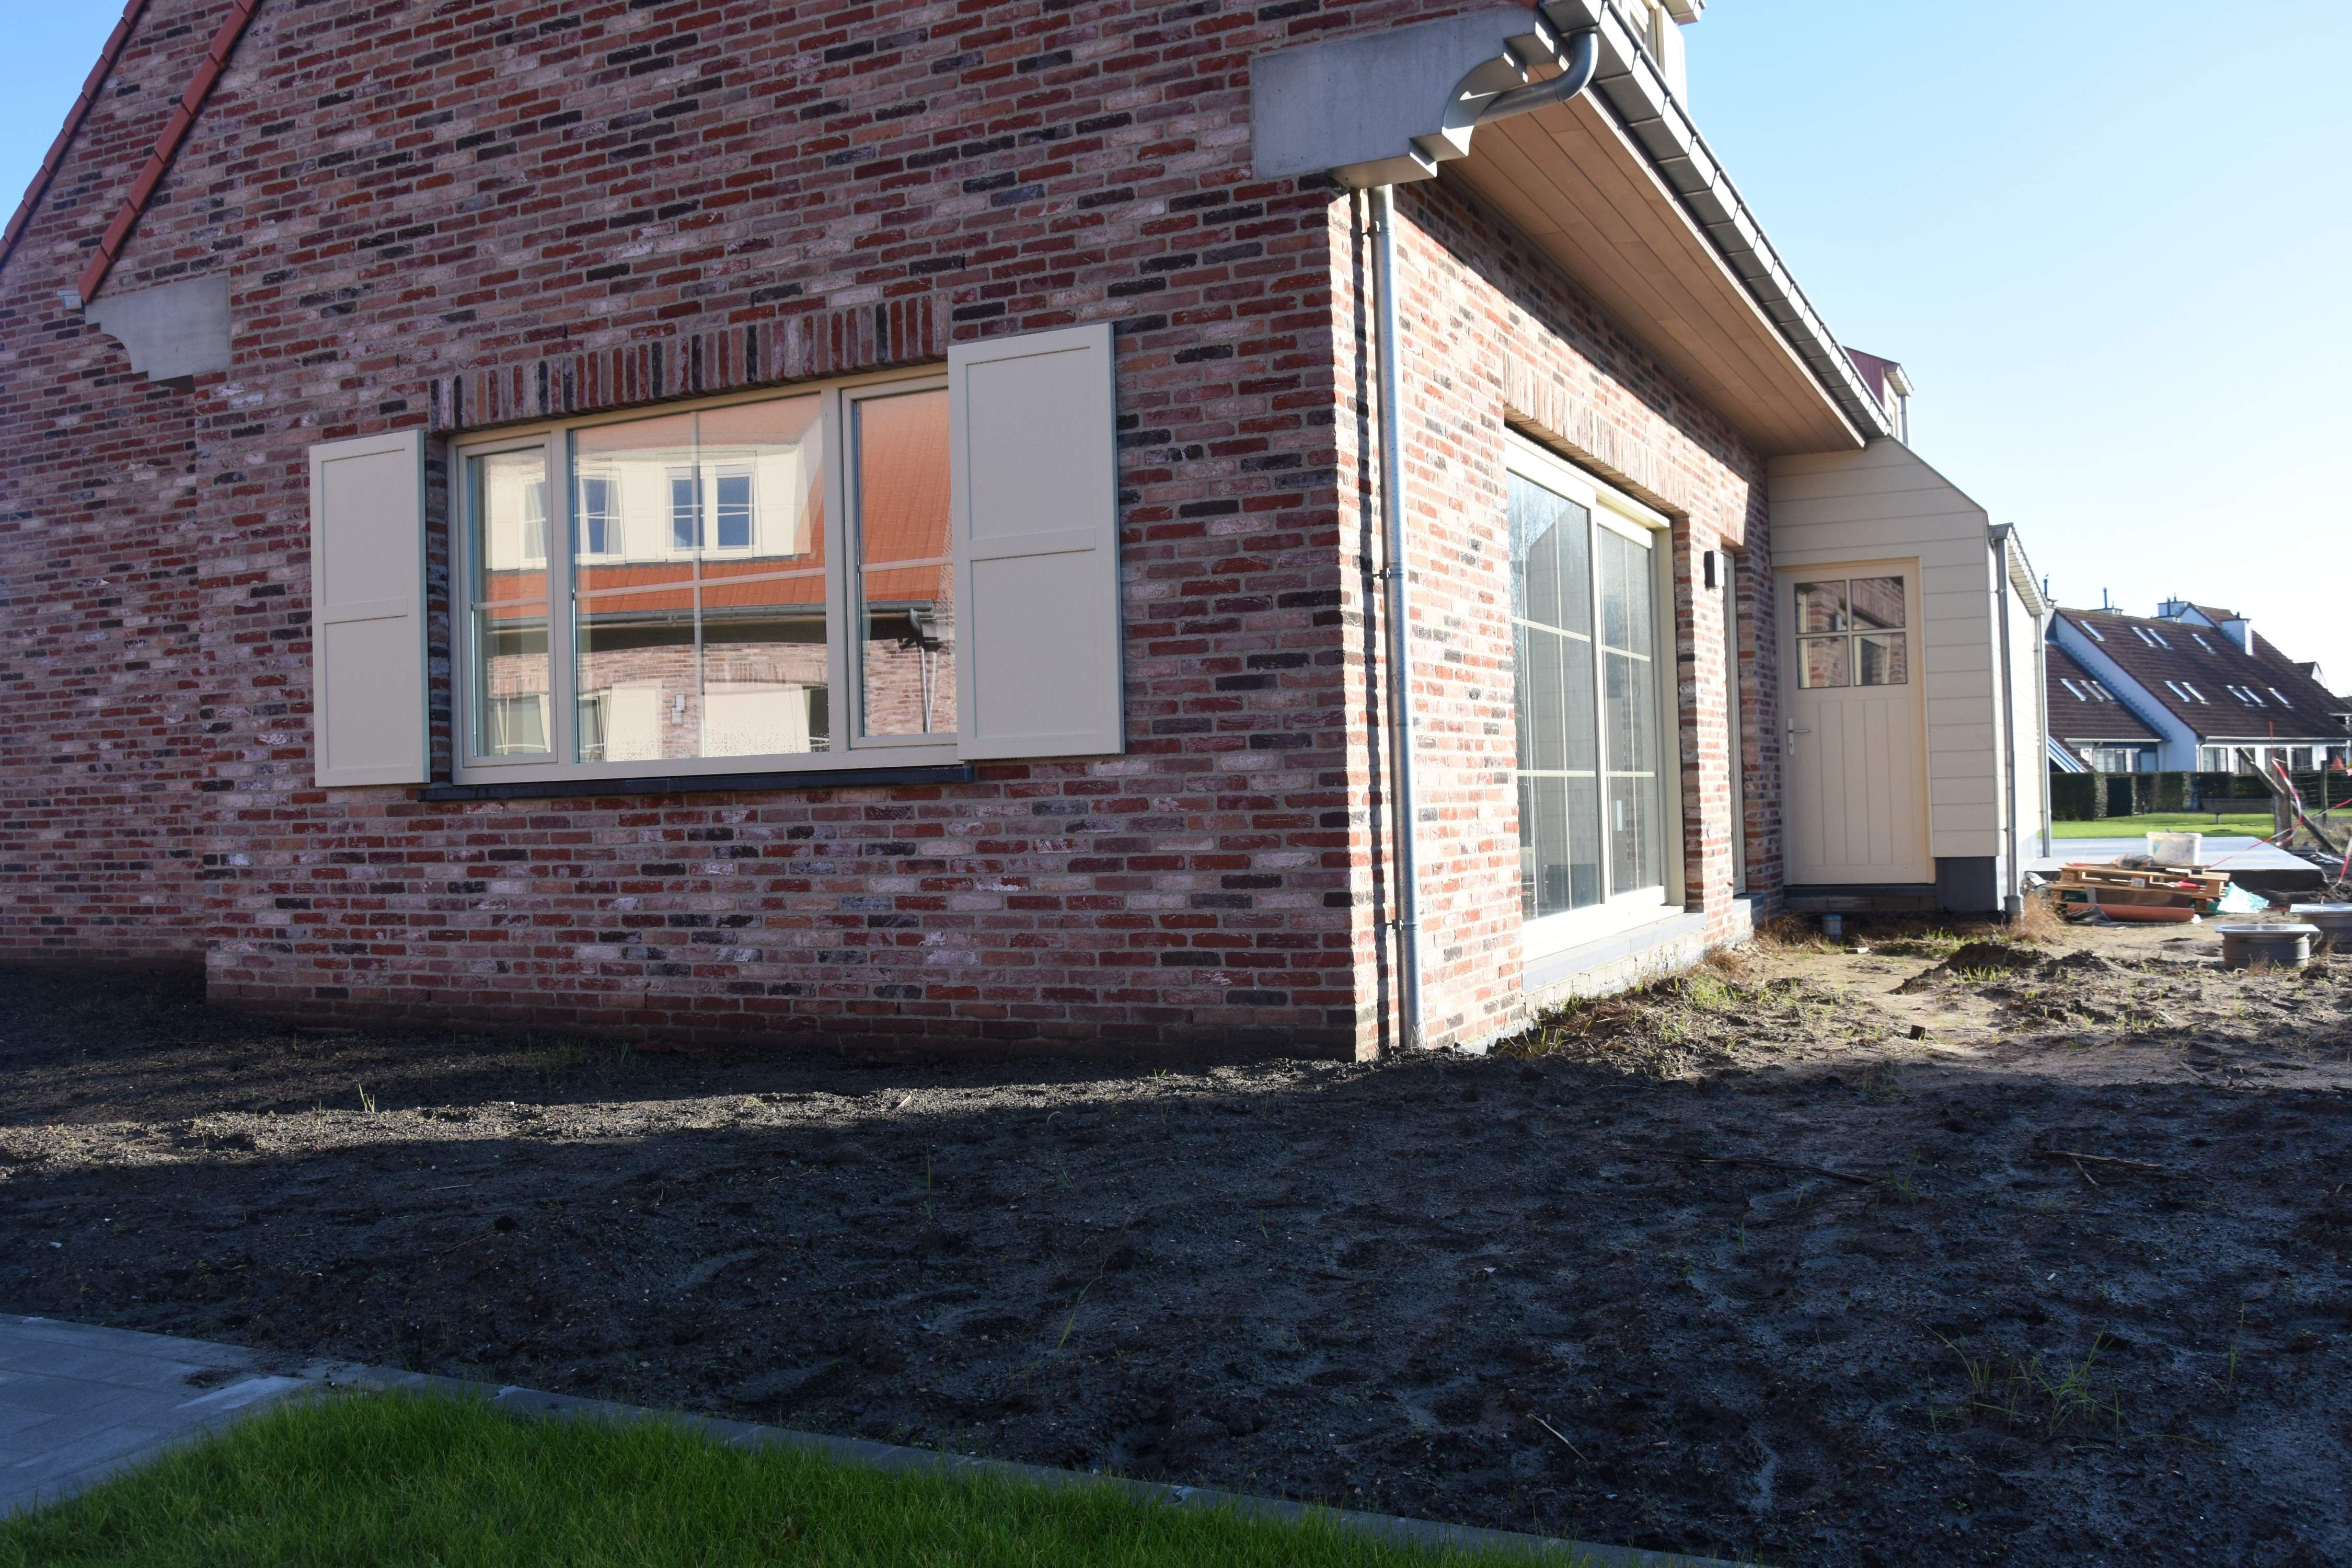 Nieuwbouw woning Gustaaf Buffelstraat Nieuwpoort - 6942